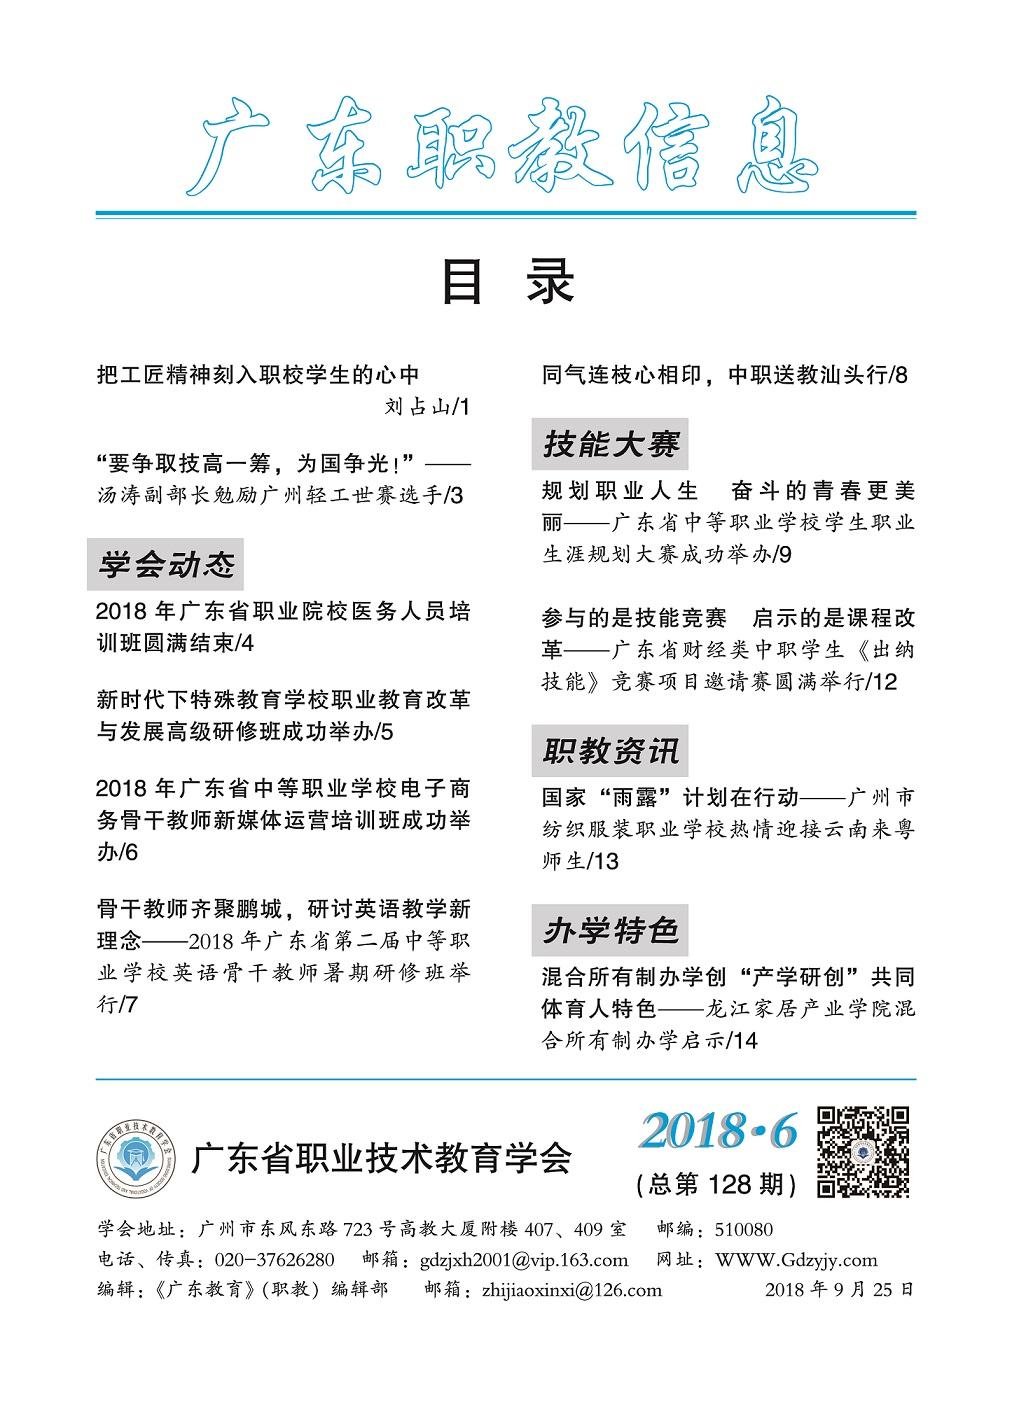 页面提取自-广东职教信息2018年第6期.jpg